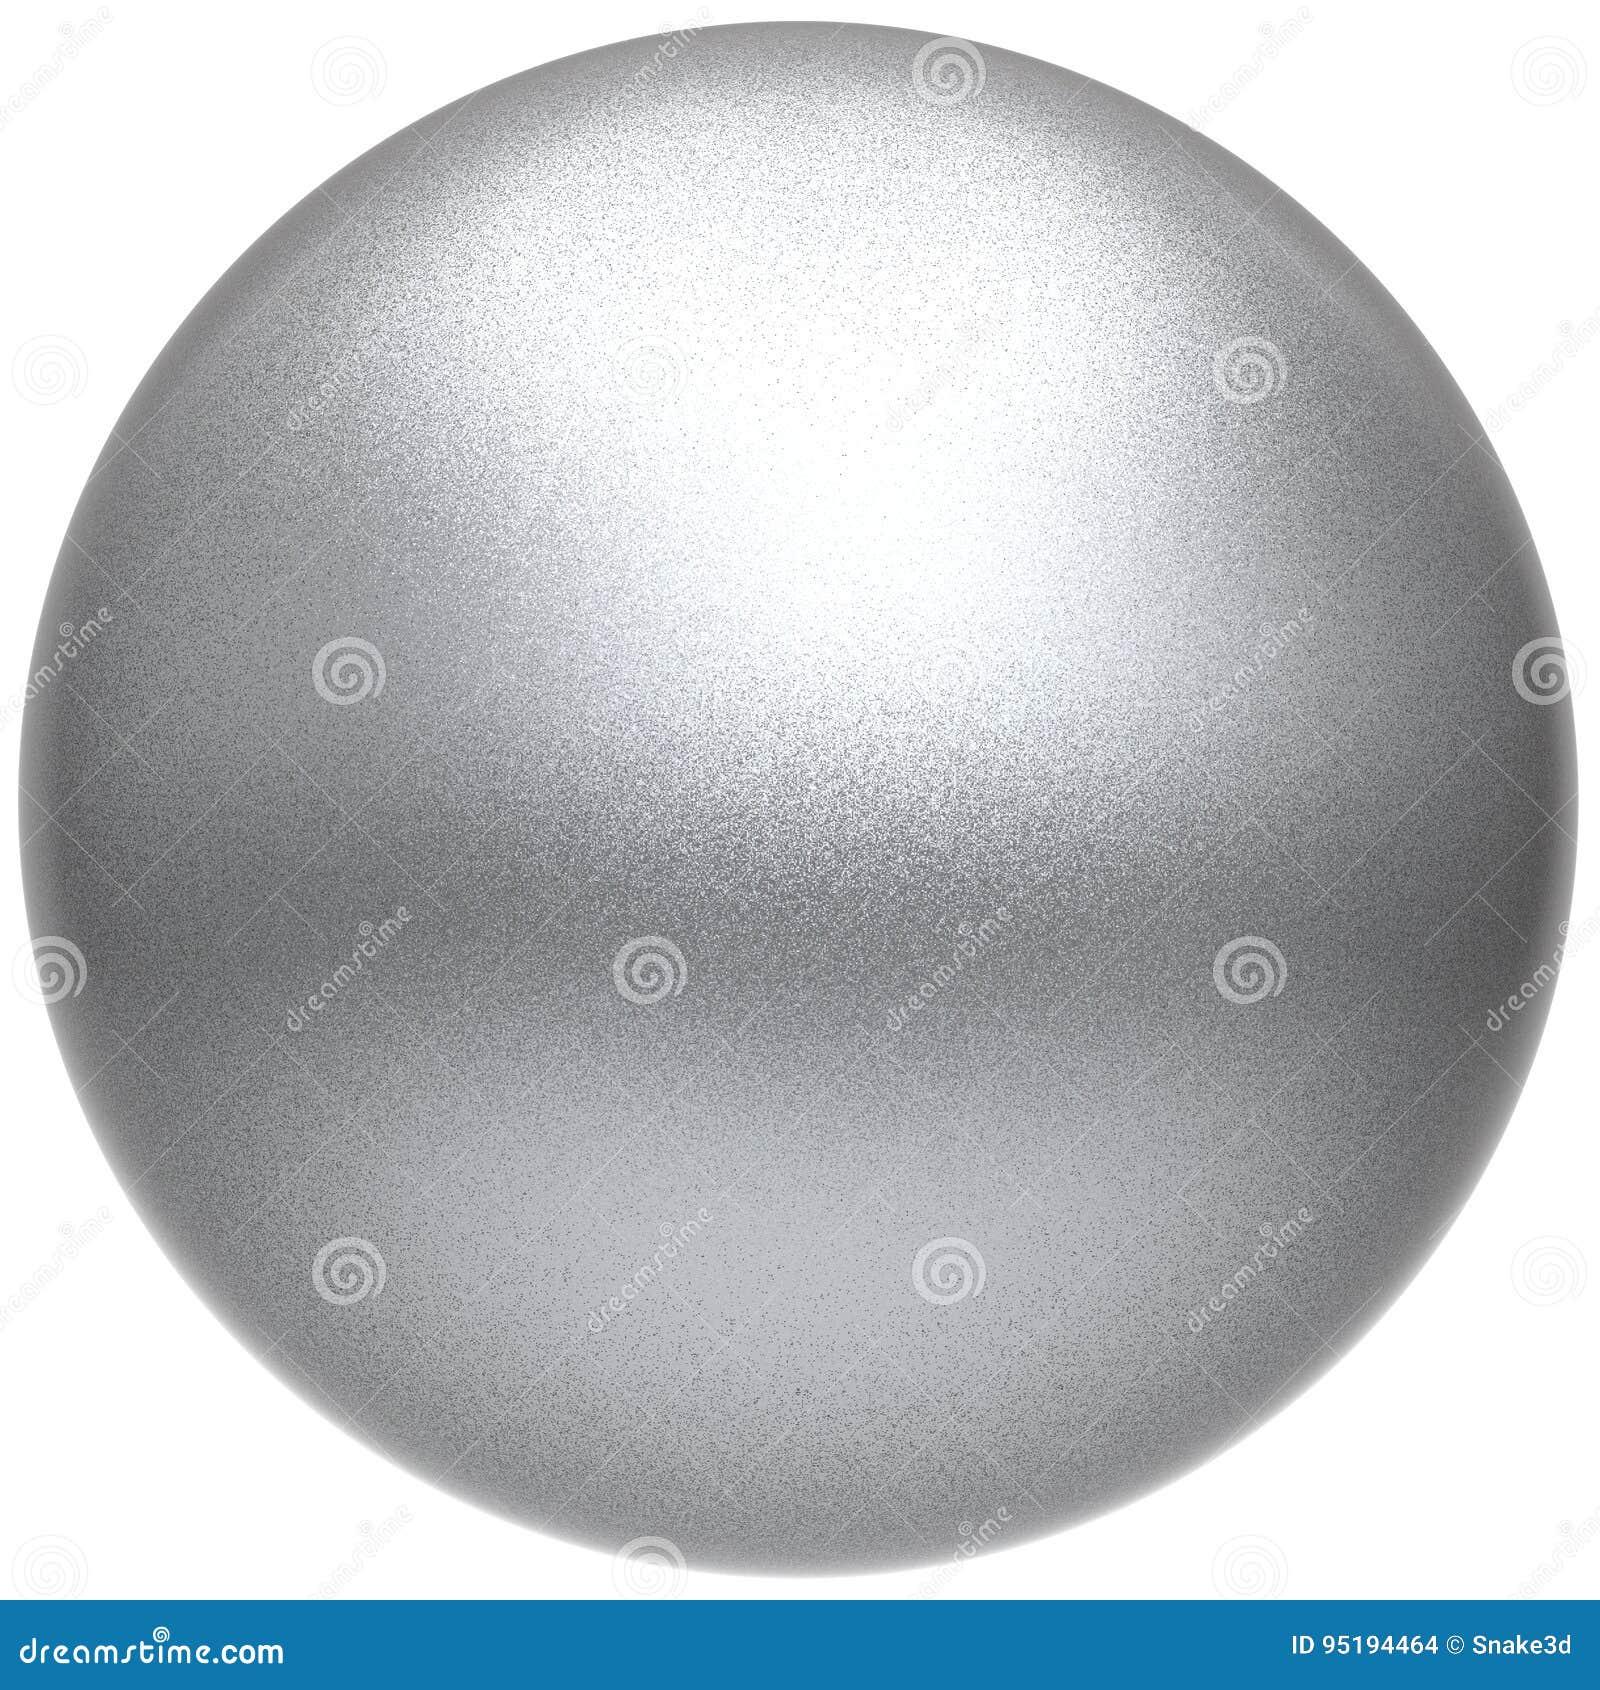 Metalliskt för vit boll för knapp för silversfärrunda grundläggande hopslingrat